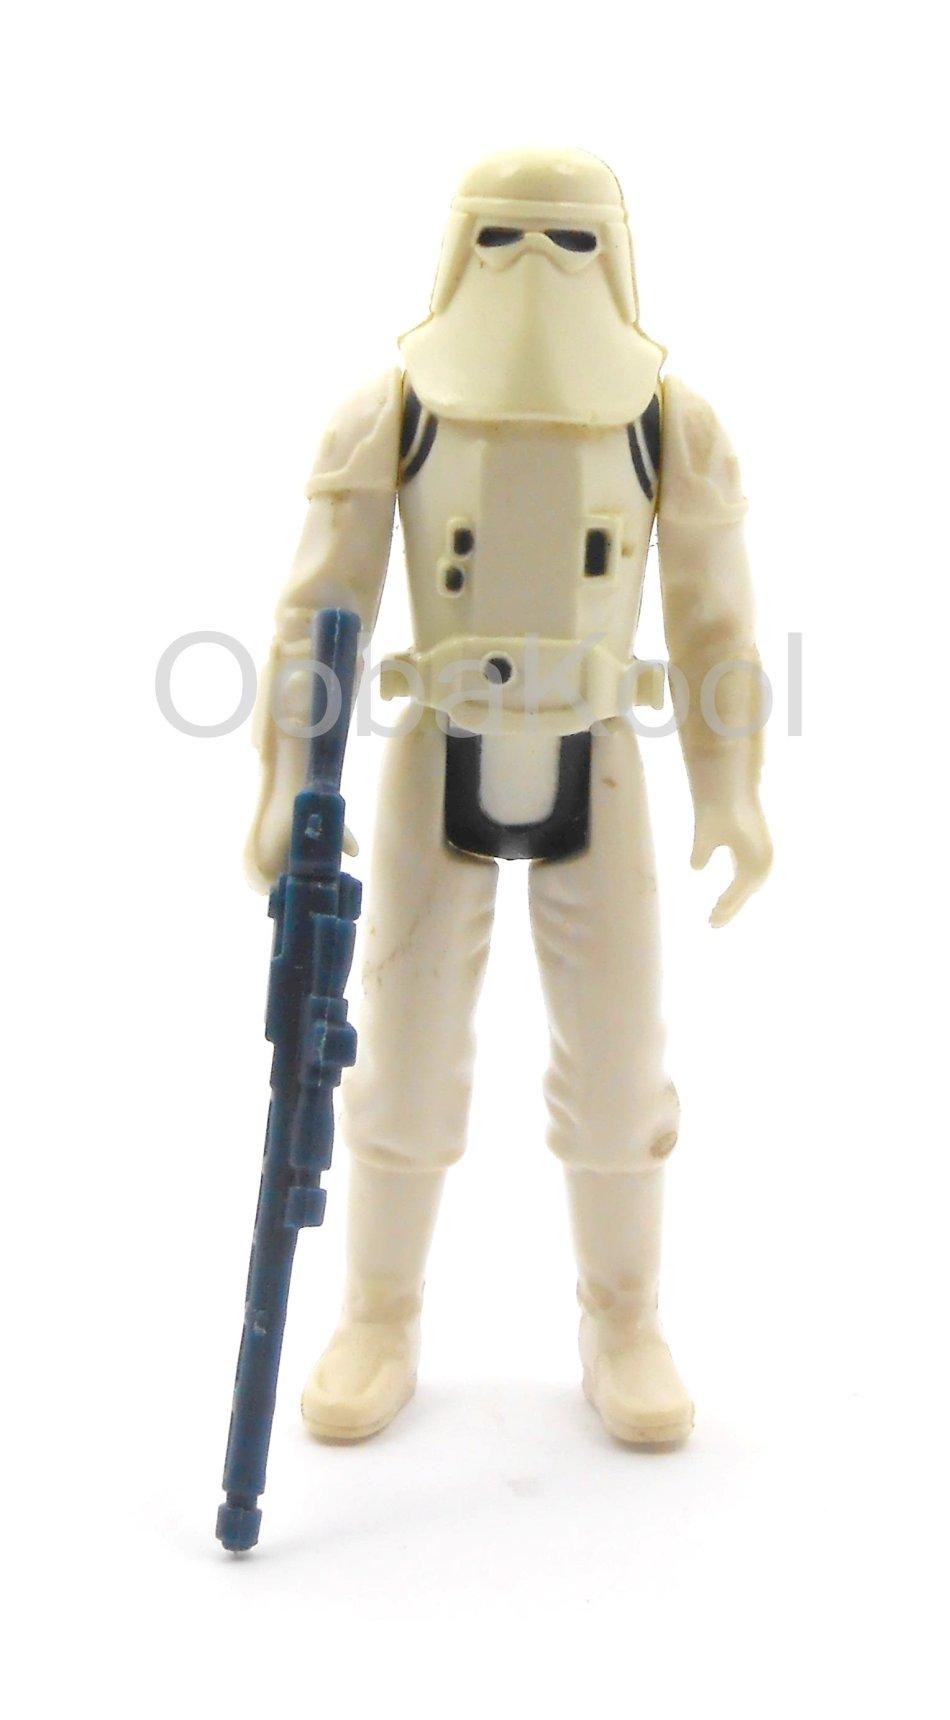 Star Wars Toys 1980s : Vintage toys star wars snowtrooper kenner